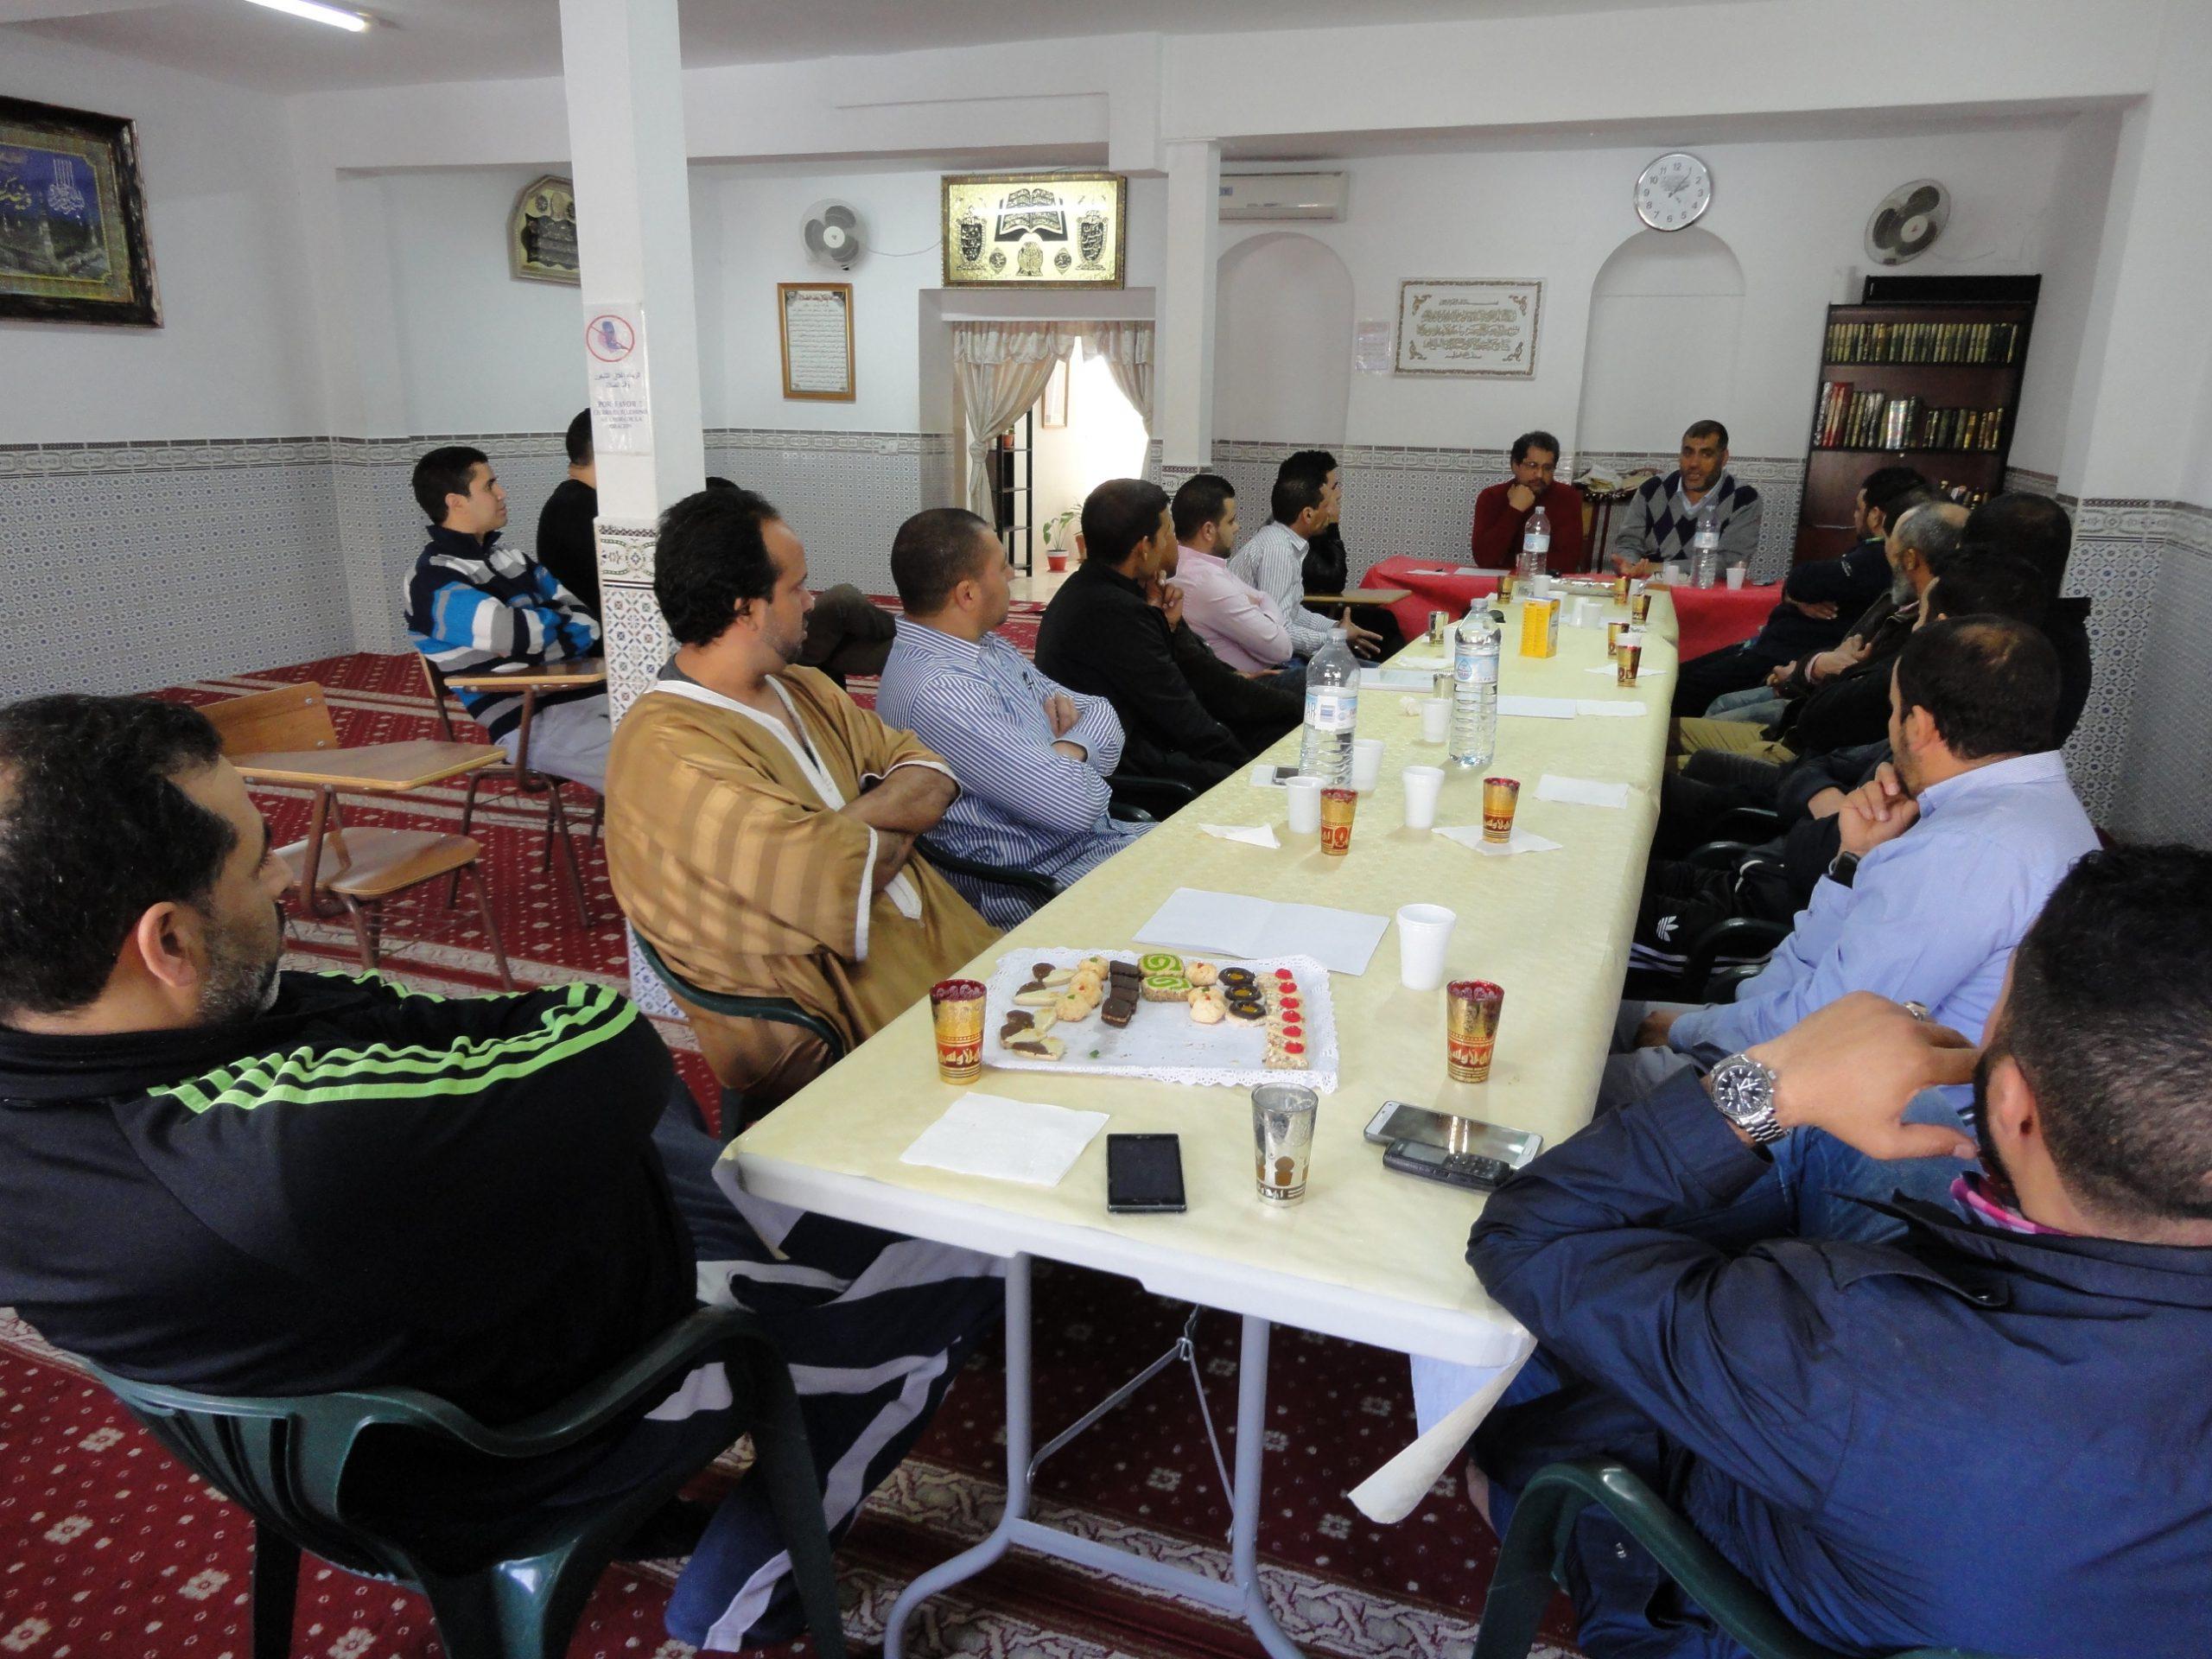 Reunión de la asamblea General de la Unión de Comunidades Islámicas de Extremadura